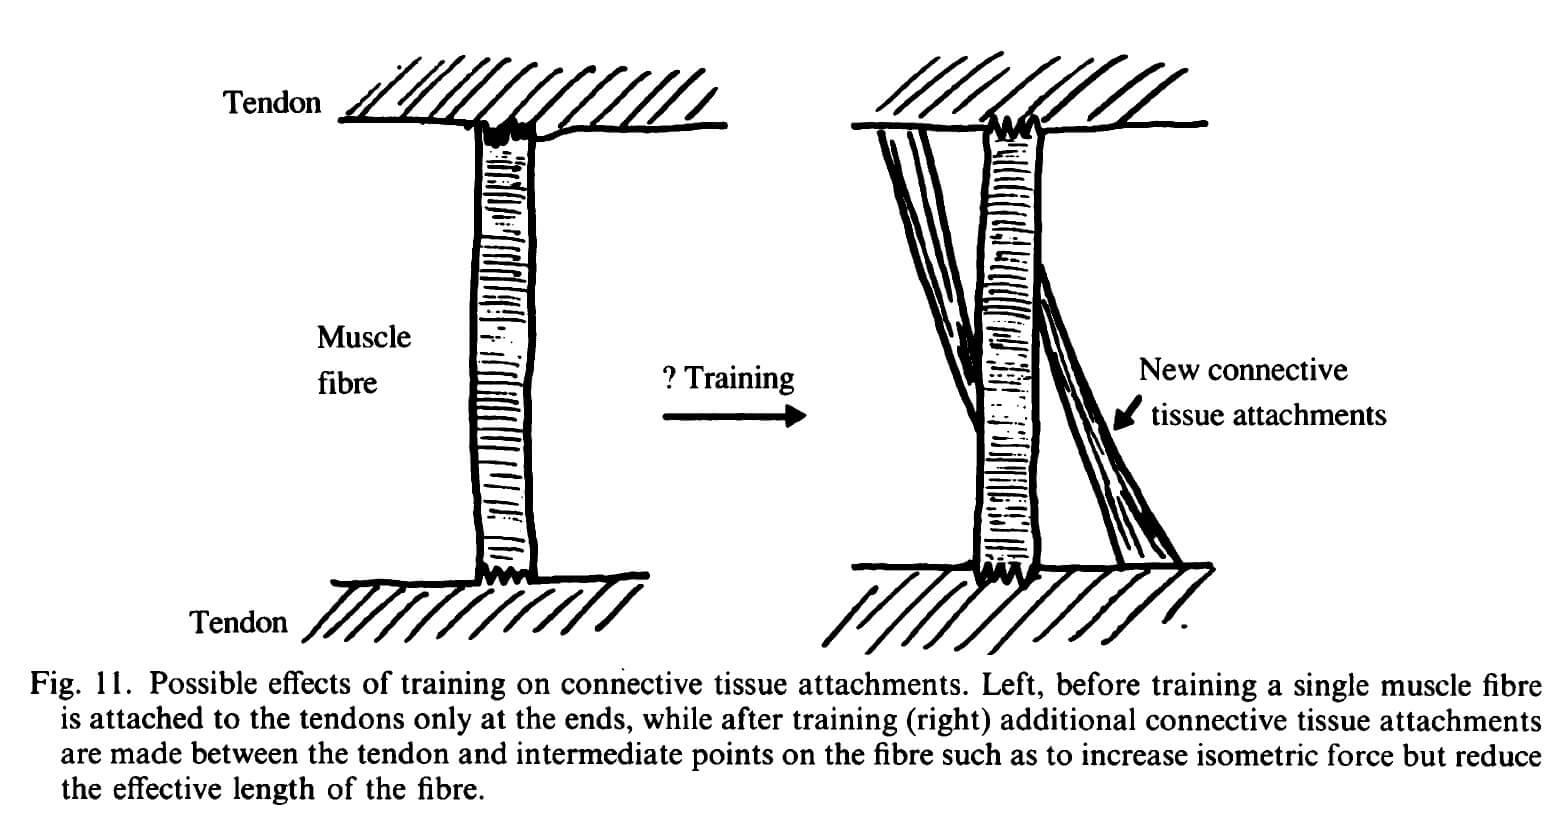 From Jones, 1989